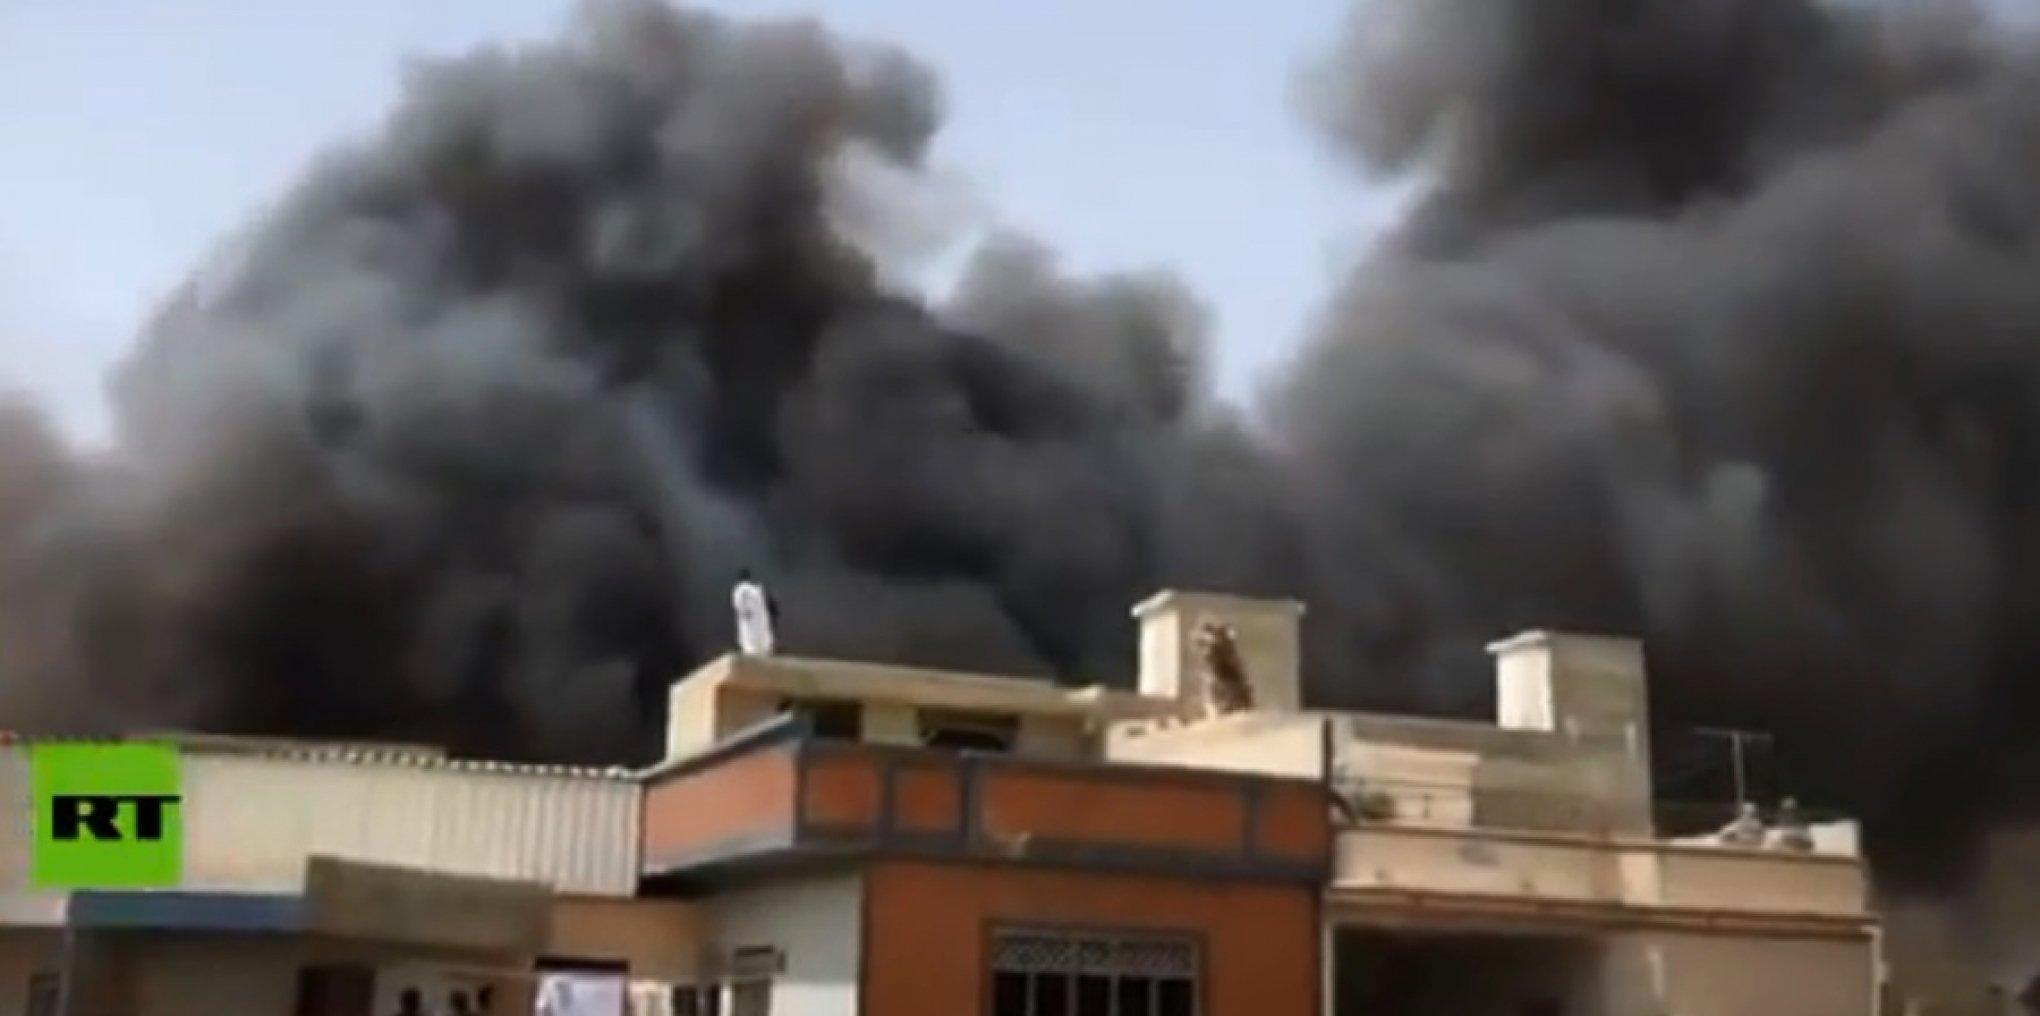 Avião com mais de 100 pessoas a bordo cai em bairro residencial, ao Sul do Paquistão